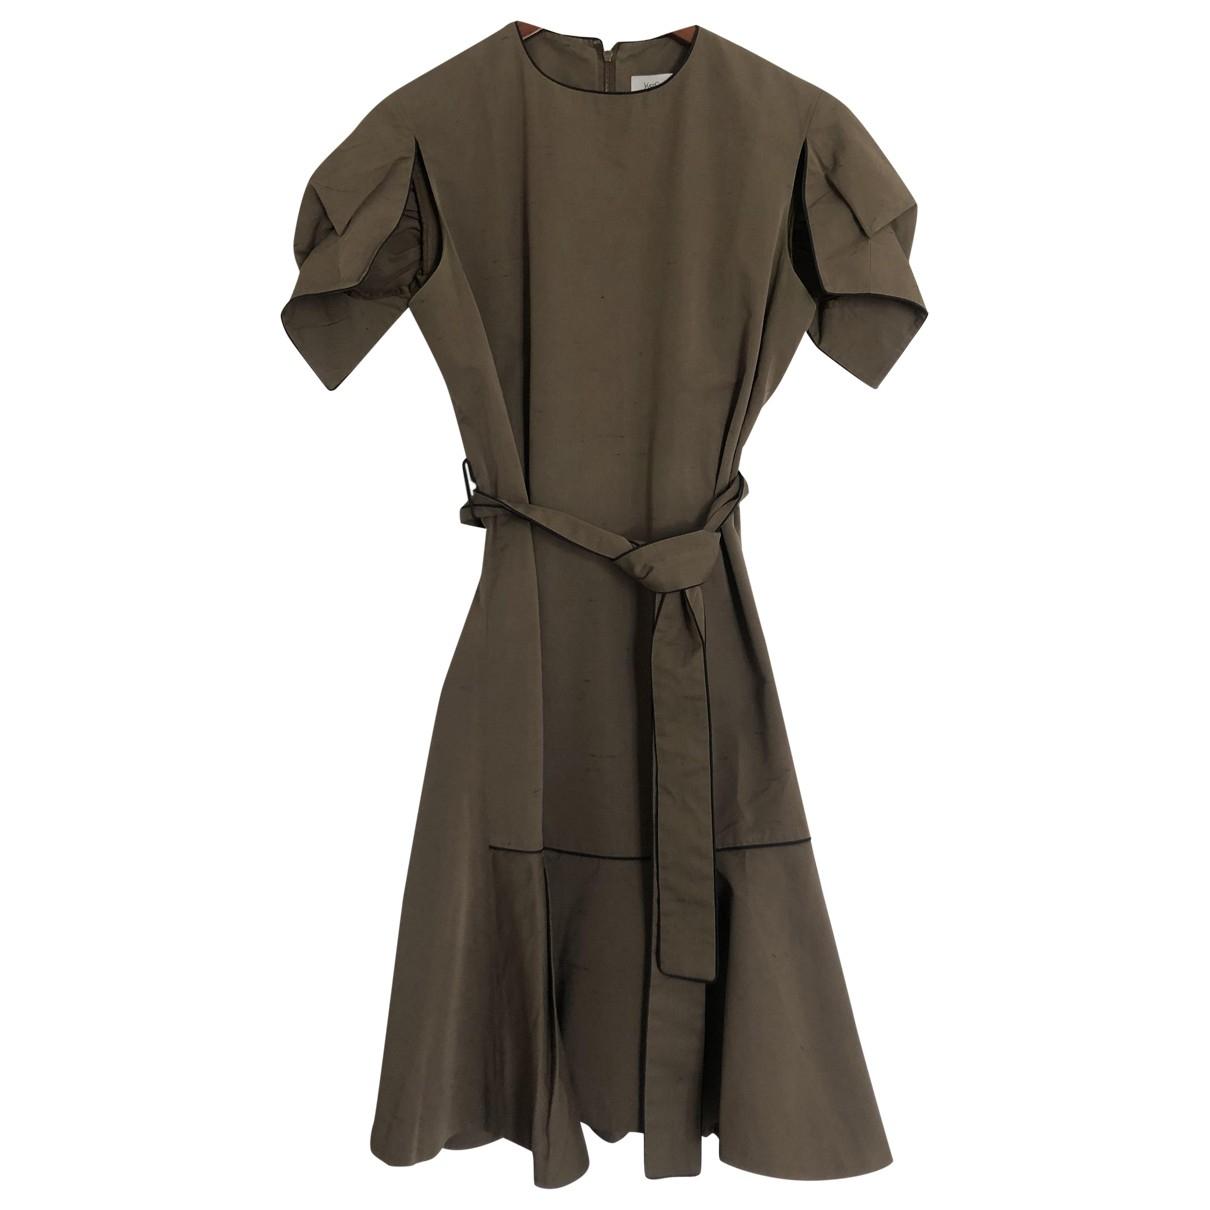 Yves Saint Laurent \N Kleid in  Beige Baumwolle